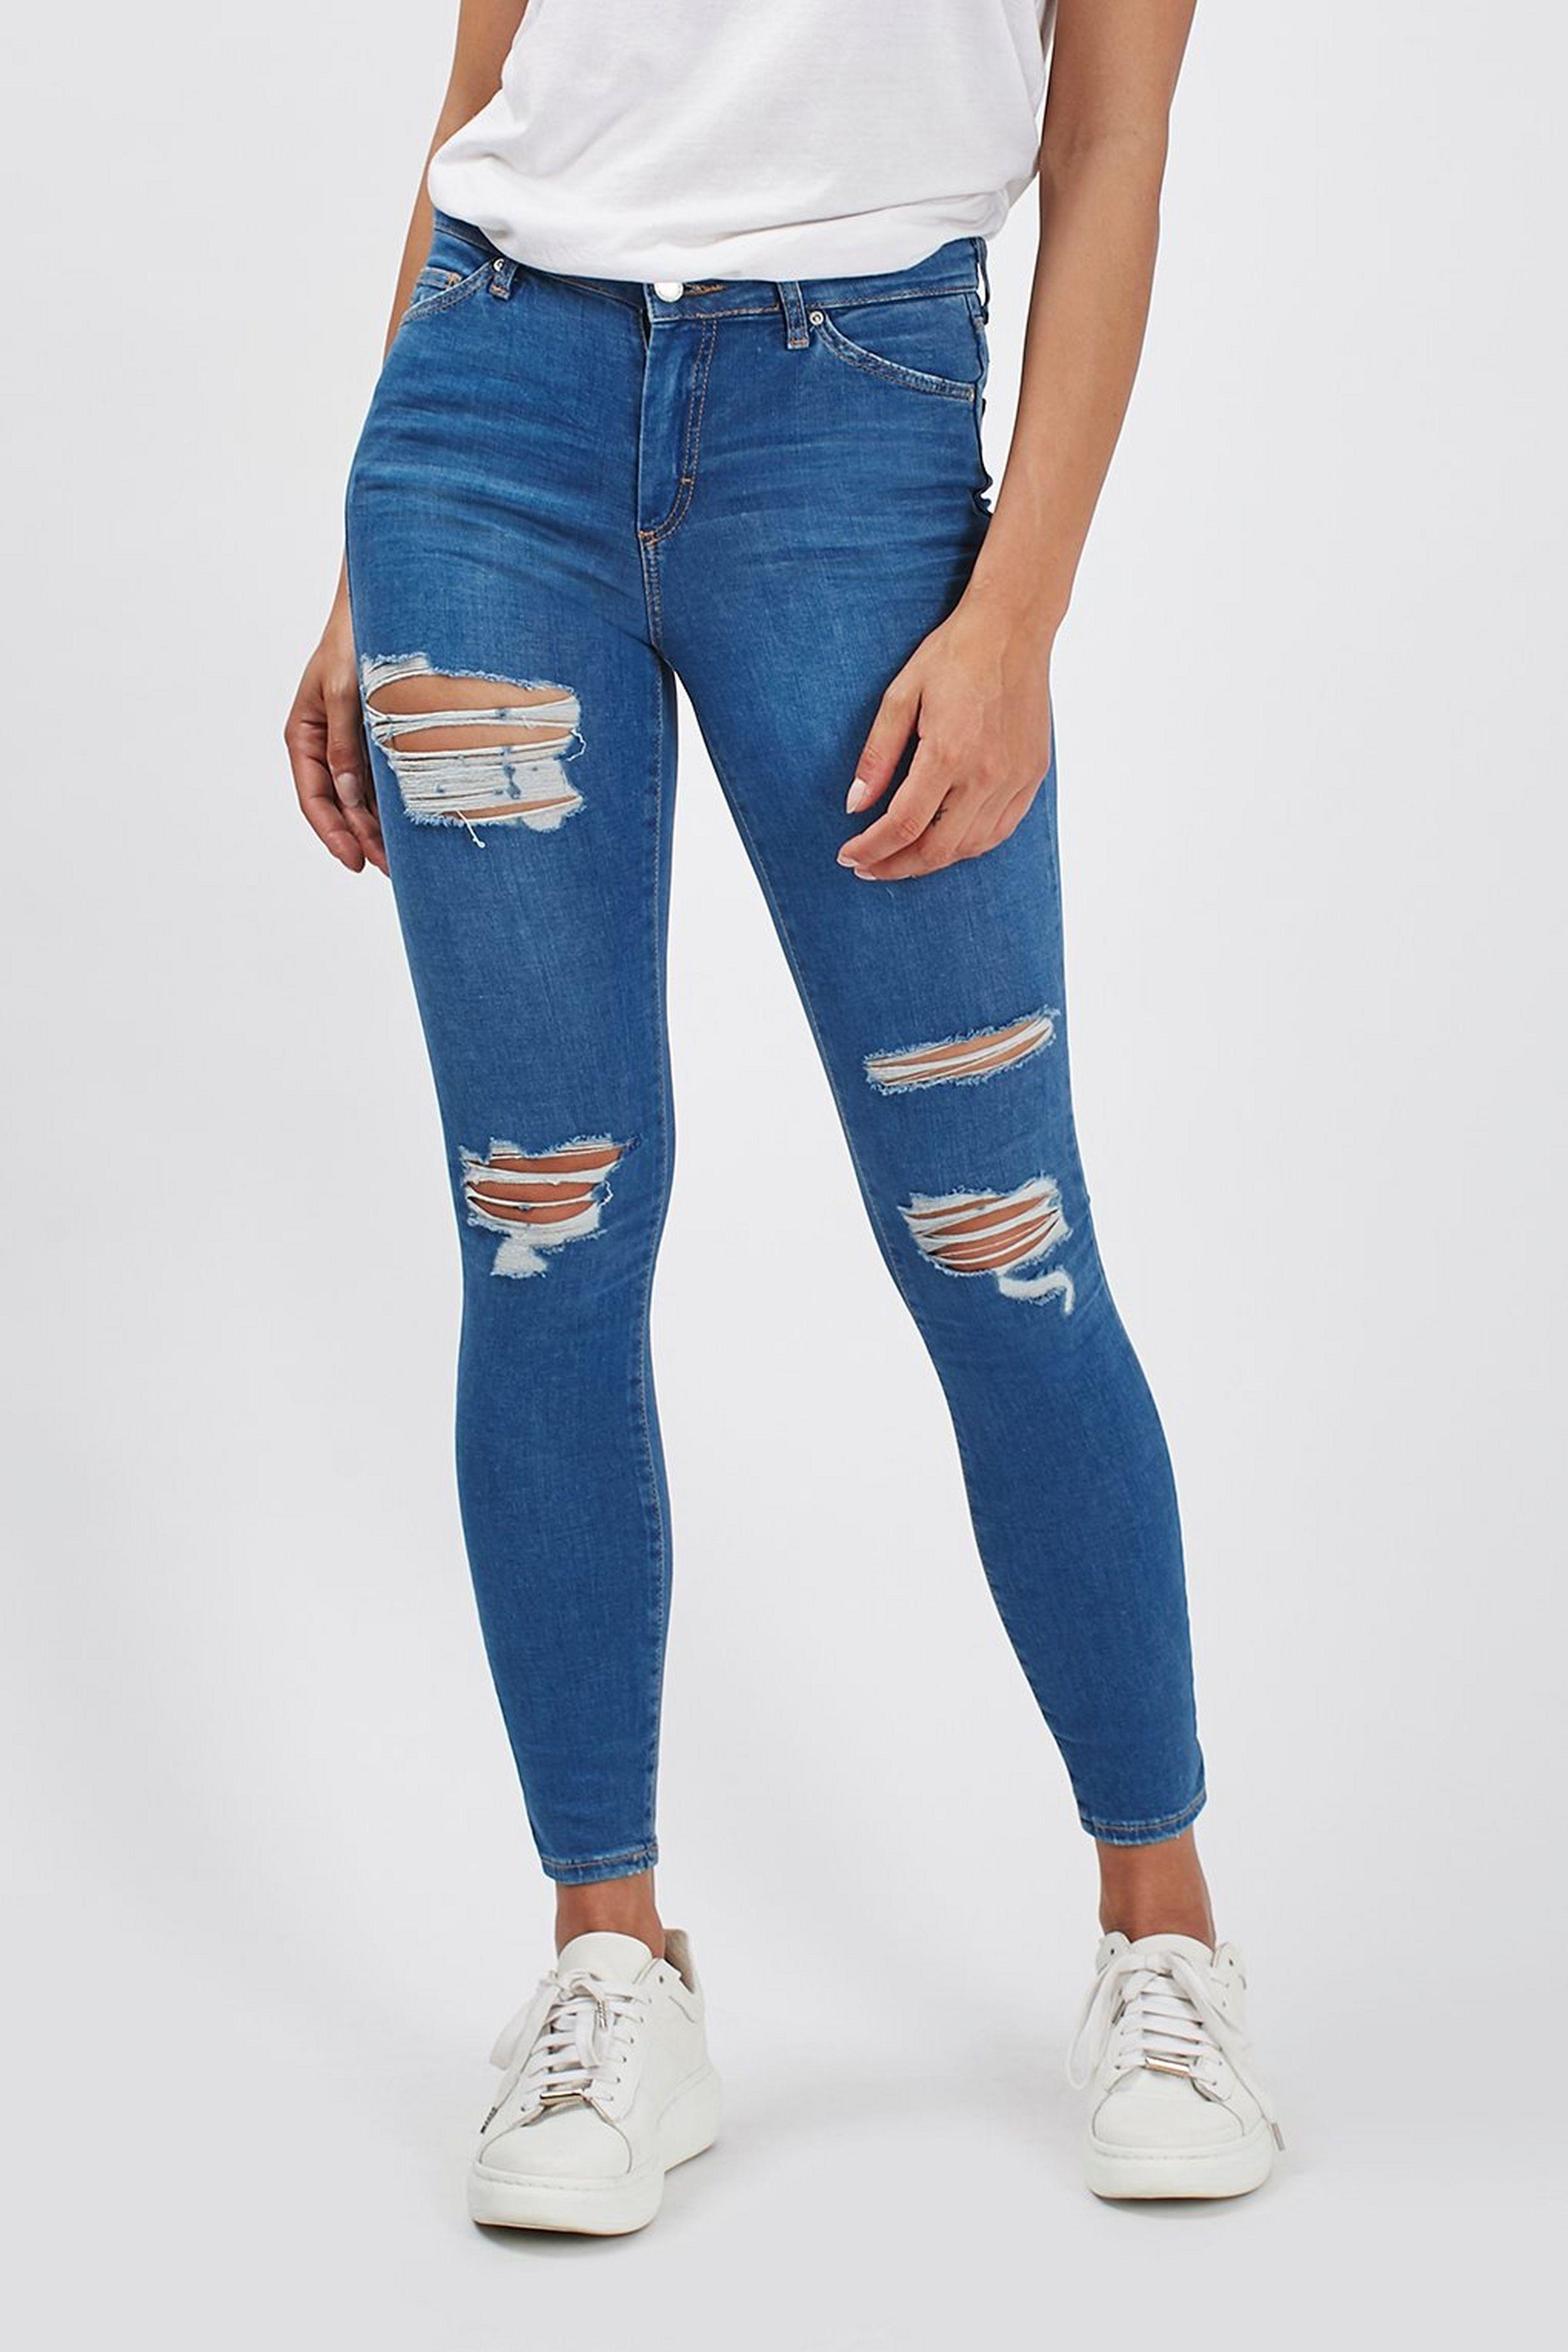 Moto Super Rip Blue Leigh Jean Diy Ripped Jeans Cute Ripped Jeans Ripped Skinny Jeans